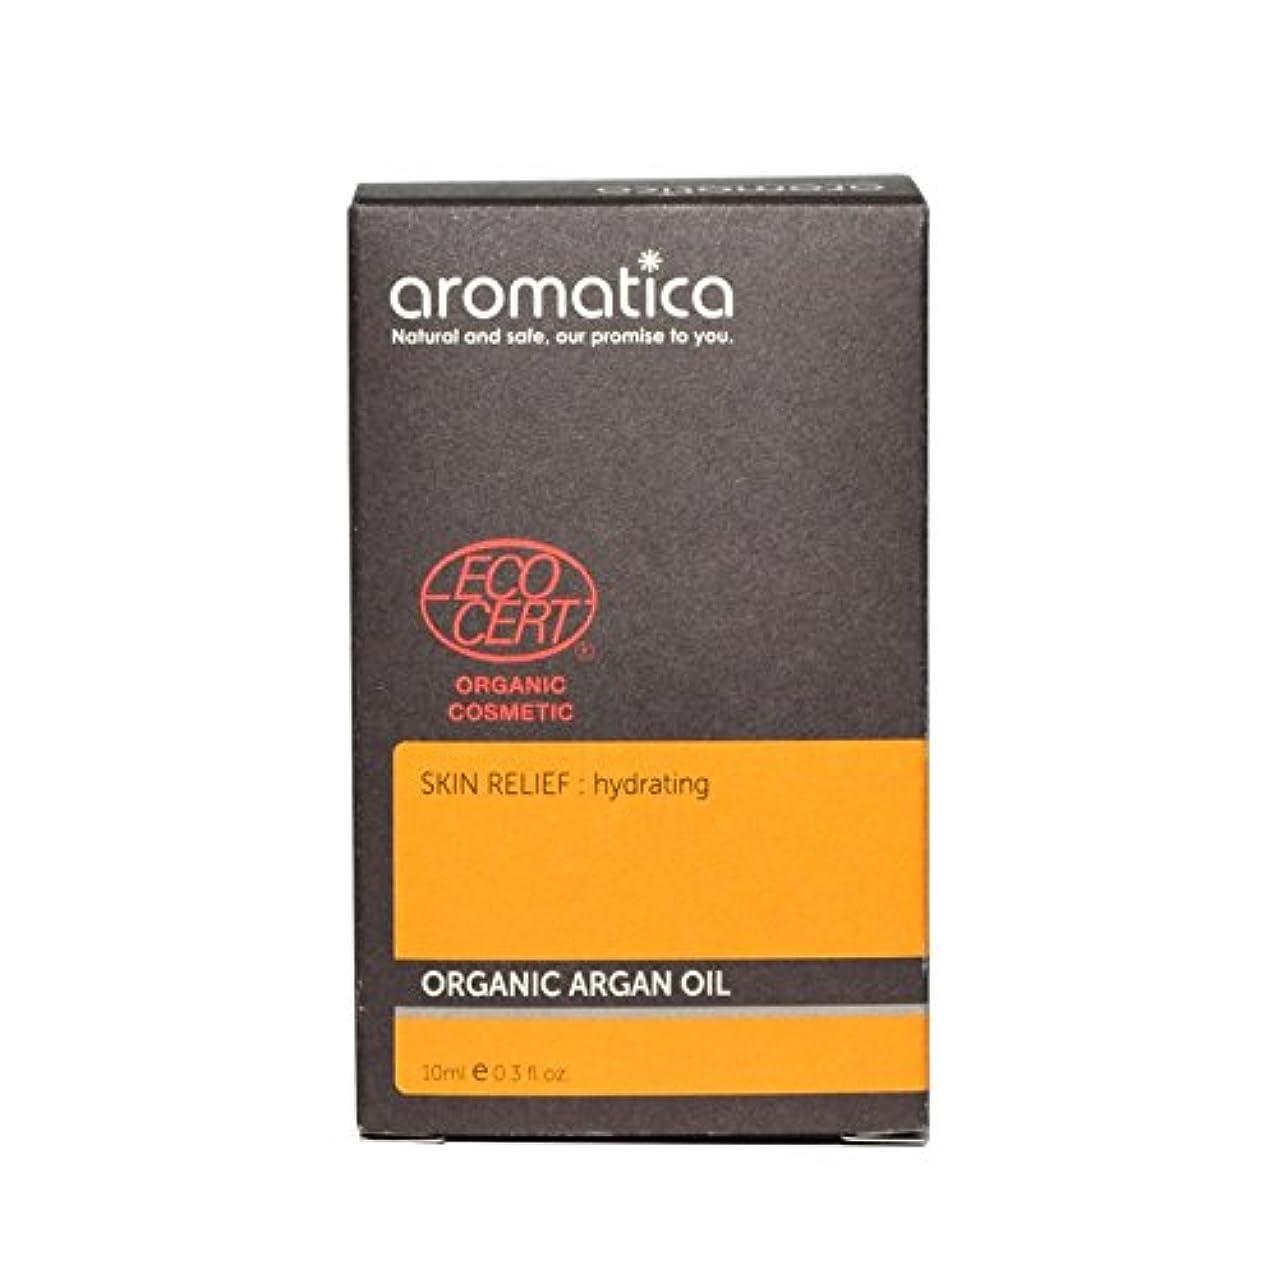 メロディアス電球広範囲にaromatica Organic Argan Oil 10ml - オーガニックアルガンオイル10ミリリットル [並行輸入品]